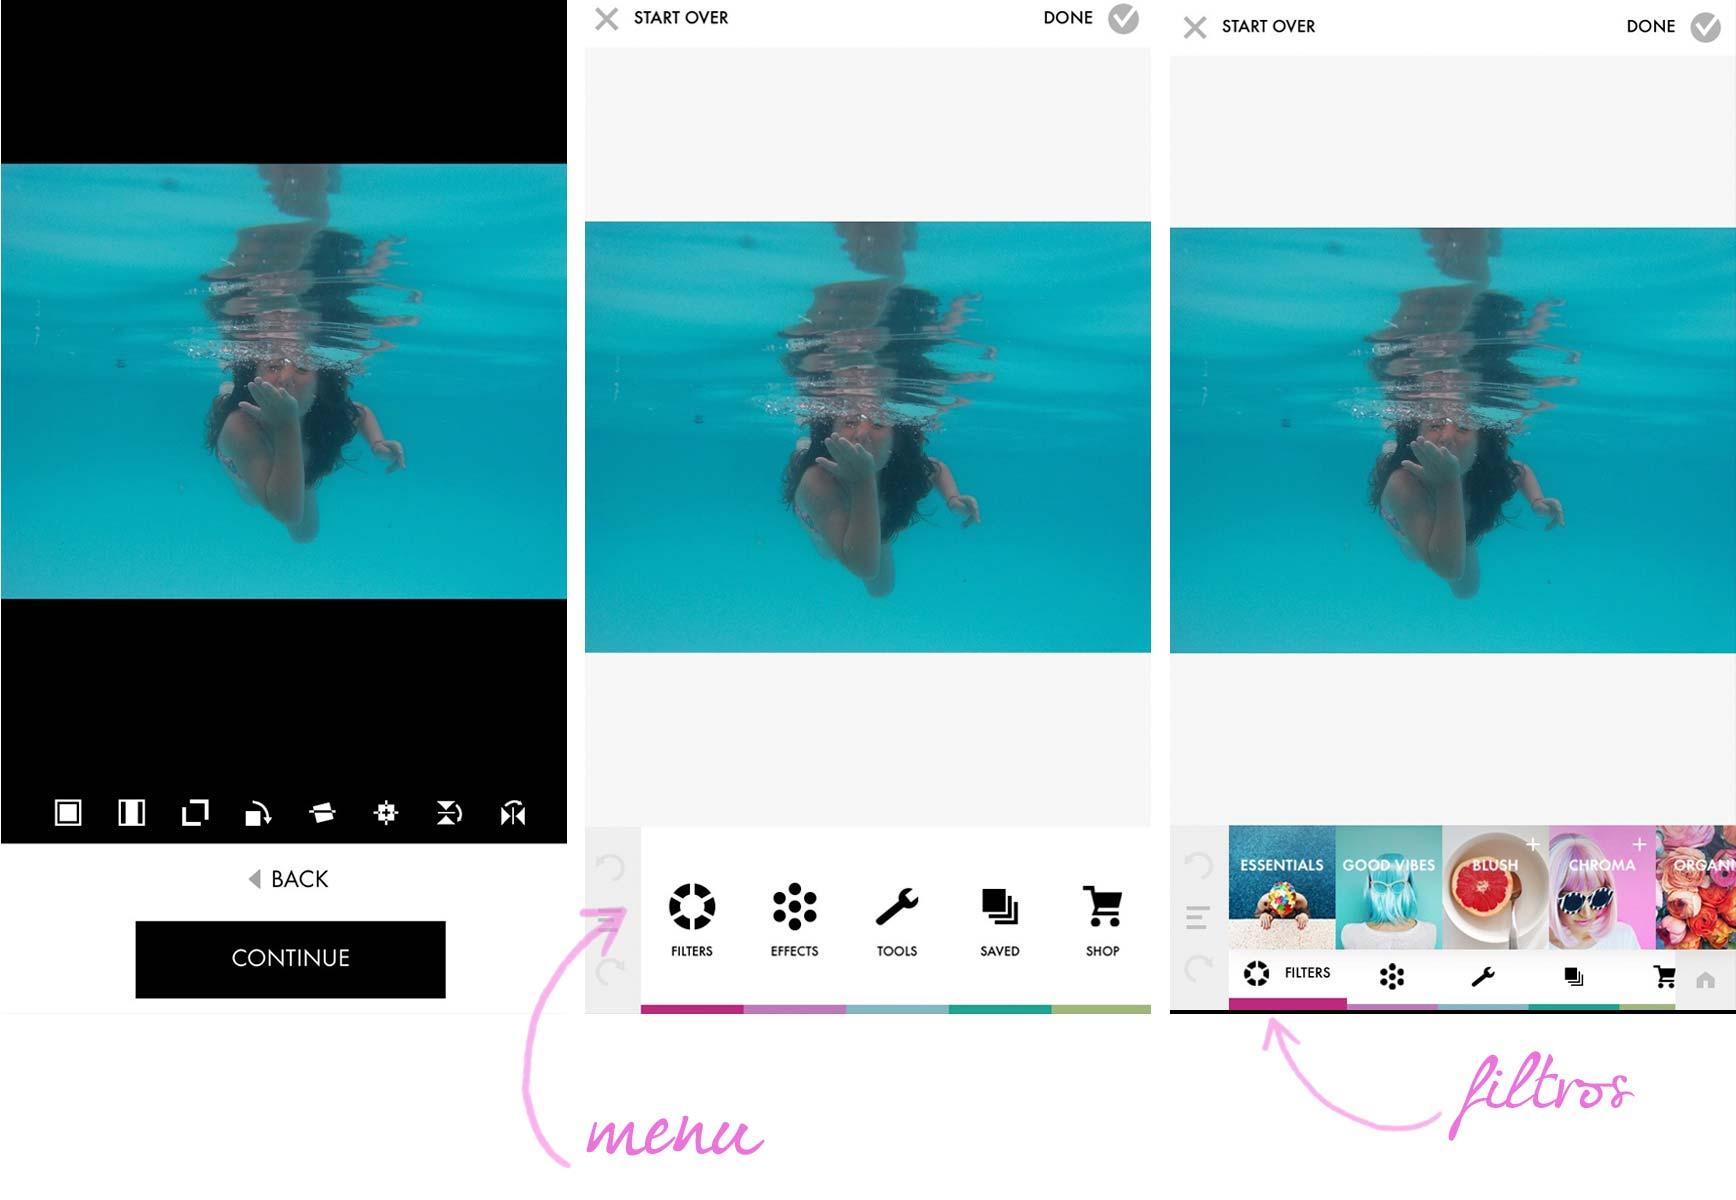 Edicion-fotos-bajo-agua